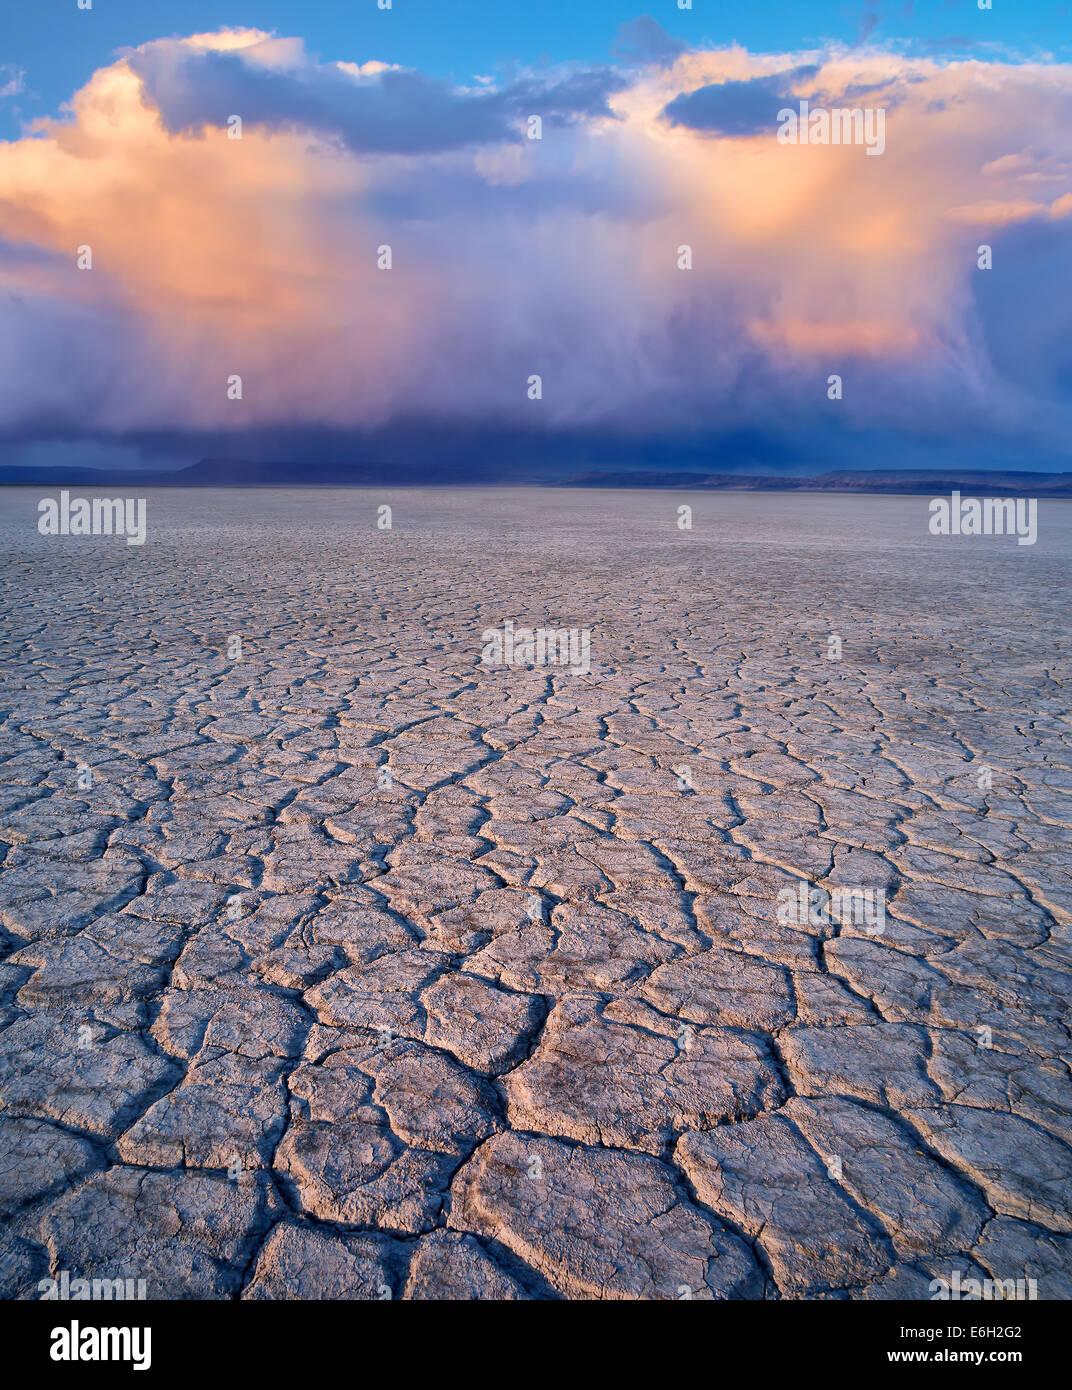 Alvord desierto y nubes Harney County, Oregon. Foto de stock